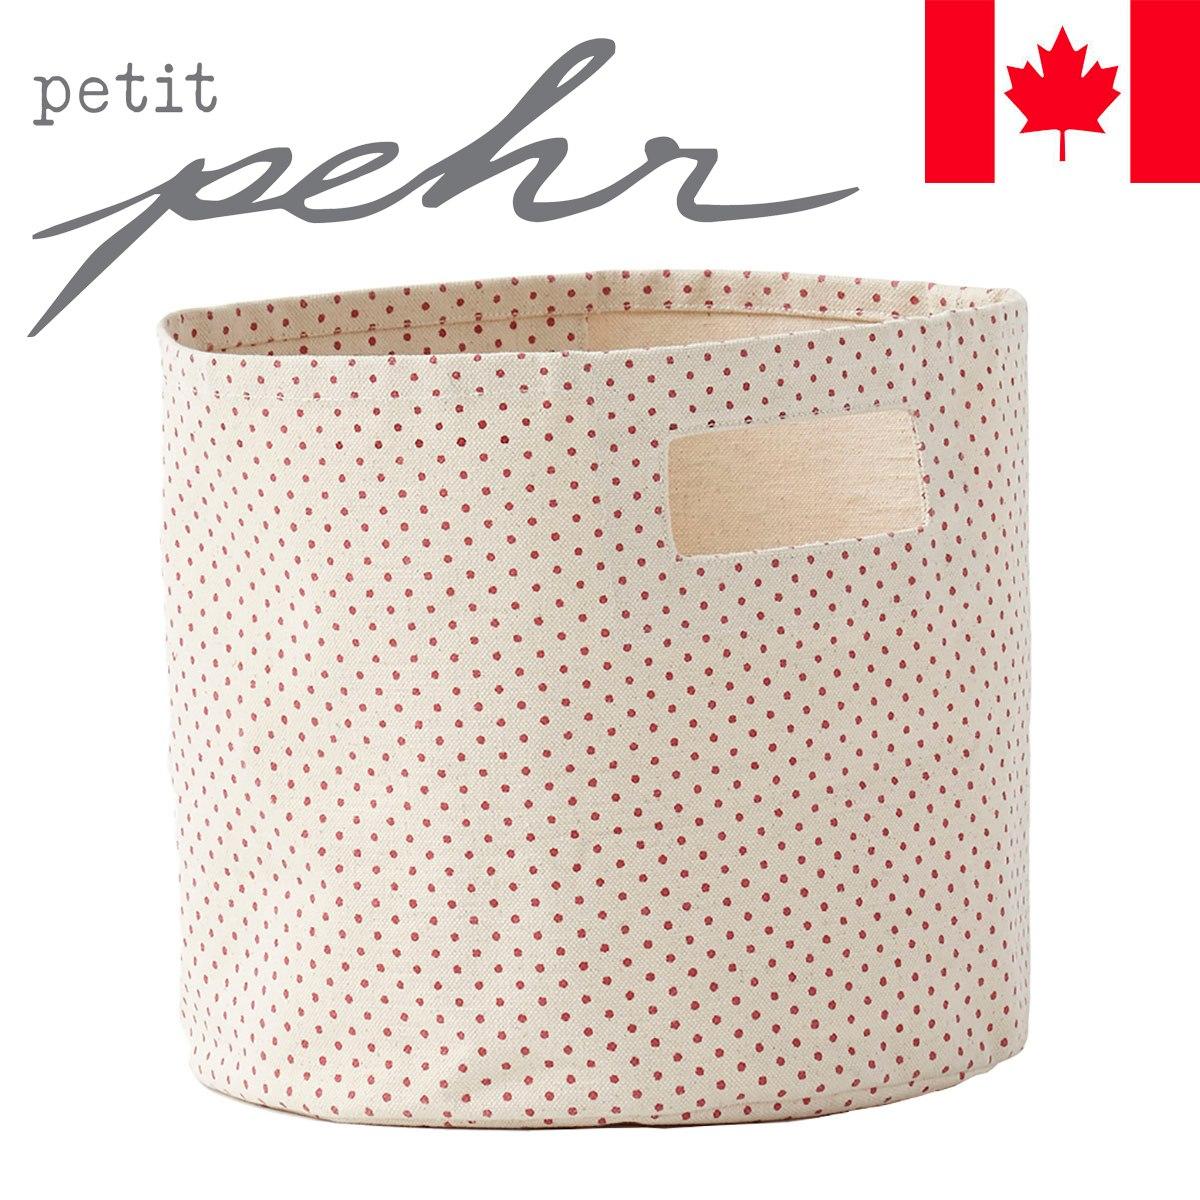 【ポイント20倍】pehr Strage Pints/Pin Dot Pink/ピンクドット リビング収納・小物入れ・布製・収納ボックス・カラーボックス用・帆布・折りたたみタイプ【あす楽】